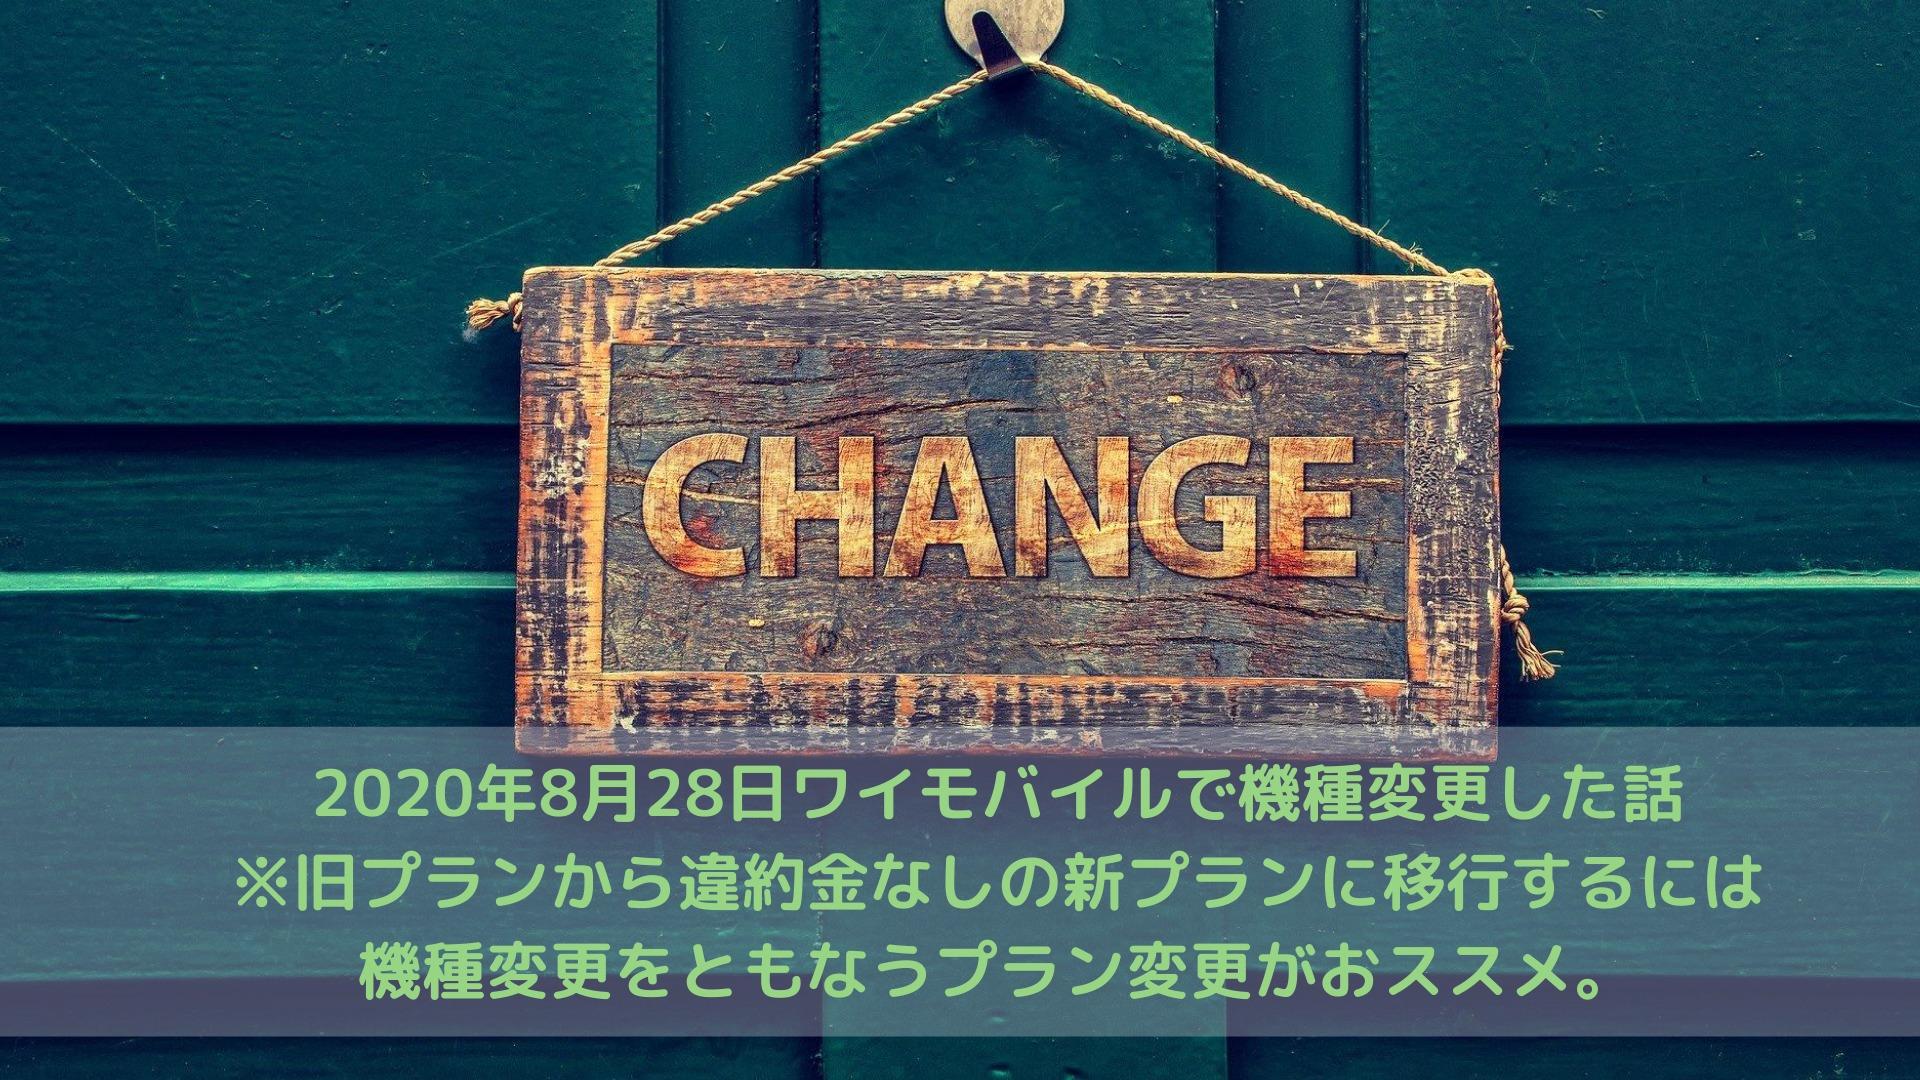 2020年8月28日ワイモバイルで機種変更した話※旧プランから違約金なしの新プランに移行するには機種変更をともなうプラン変更がおススメ。